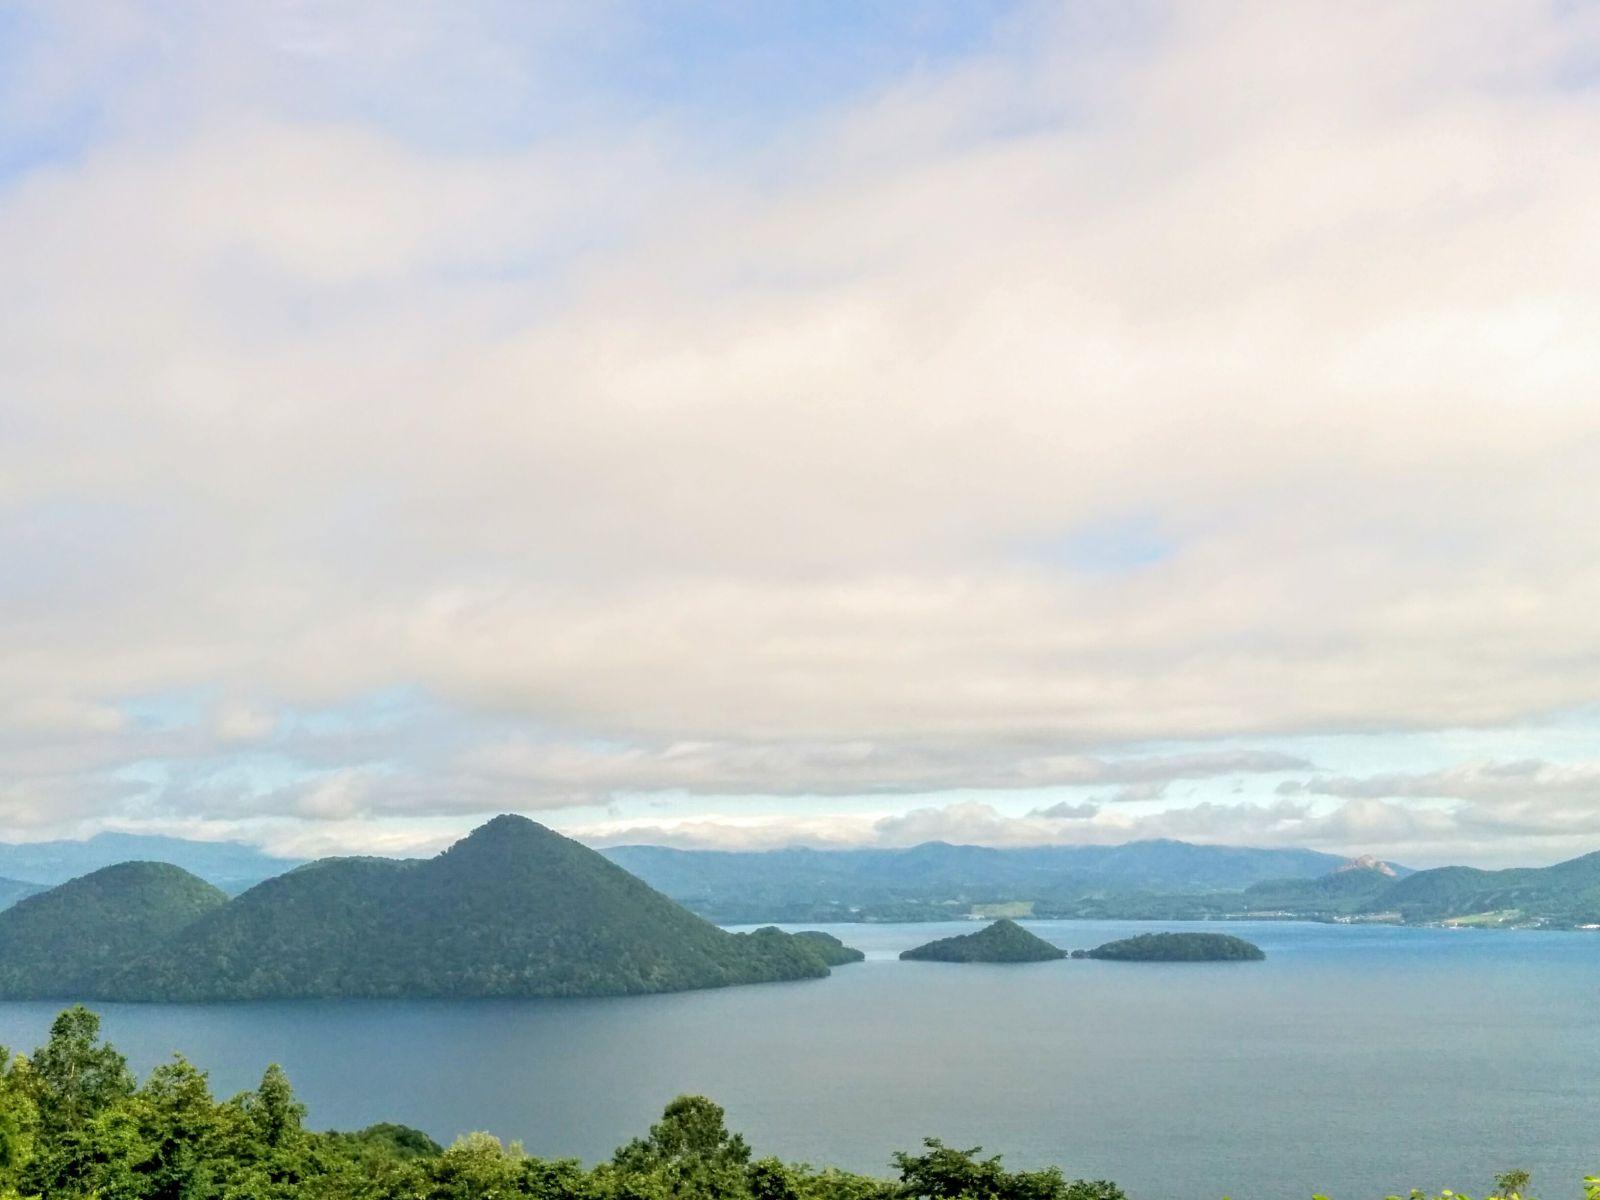 【洞爺湖】夏の洞爺湖サイロ展望台観光案内です。